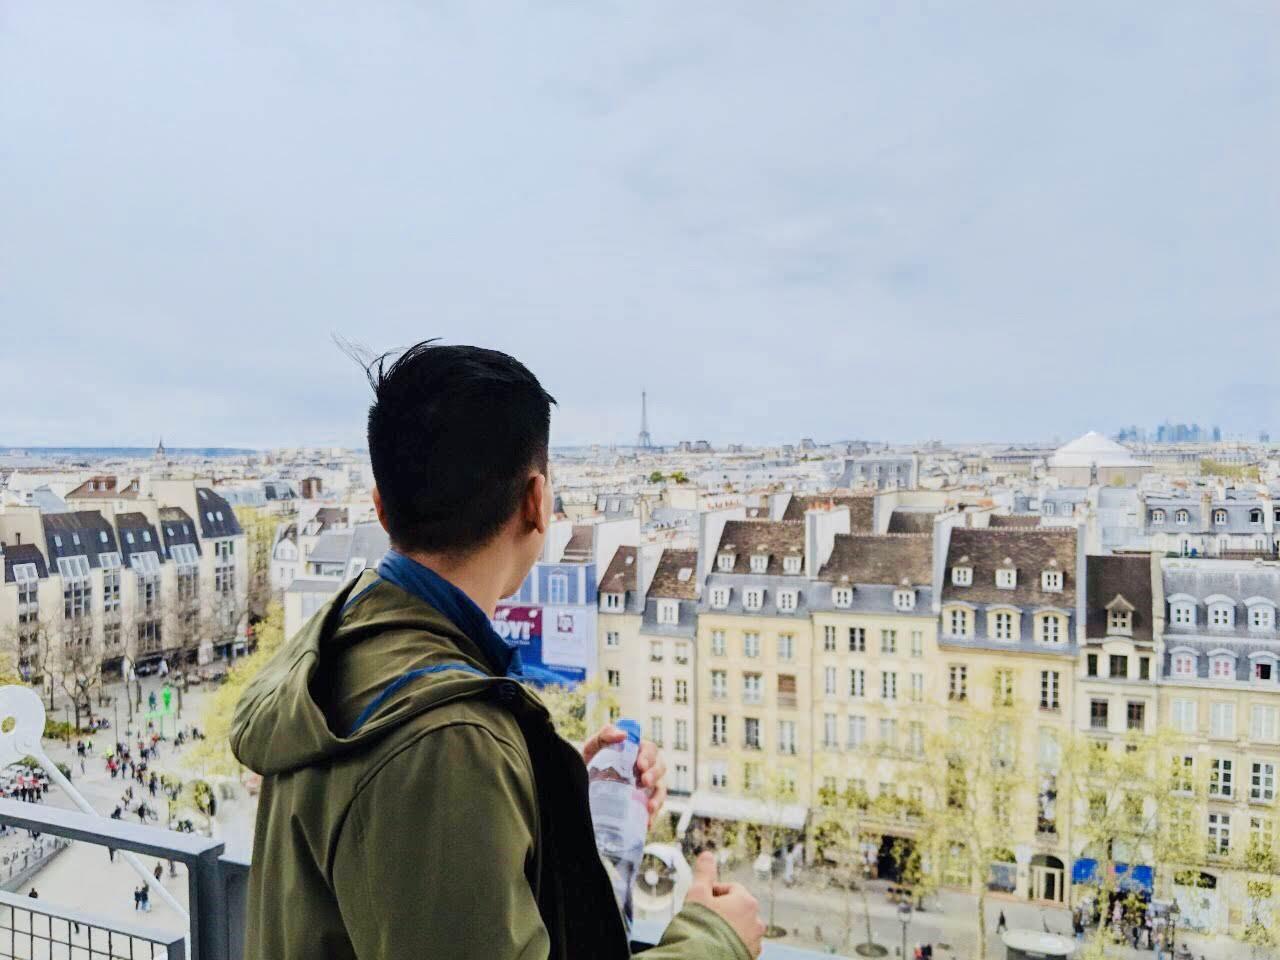 隱藏版巴黎市景拍照點| PC: Zach